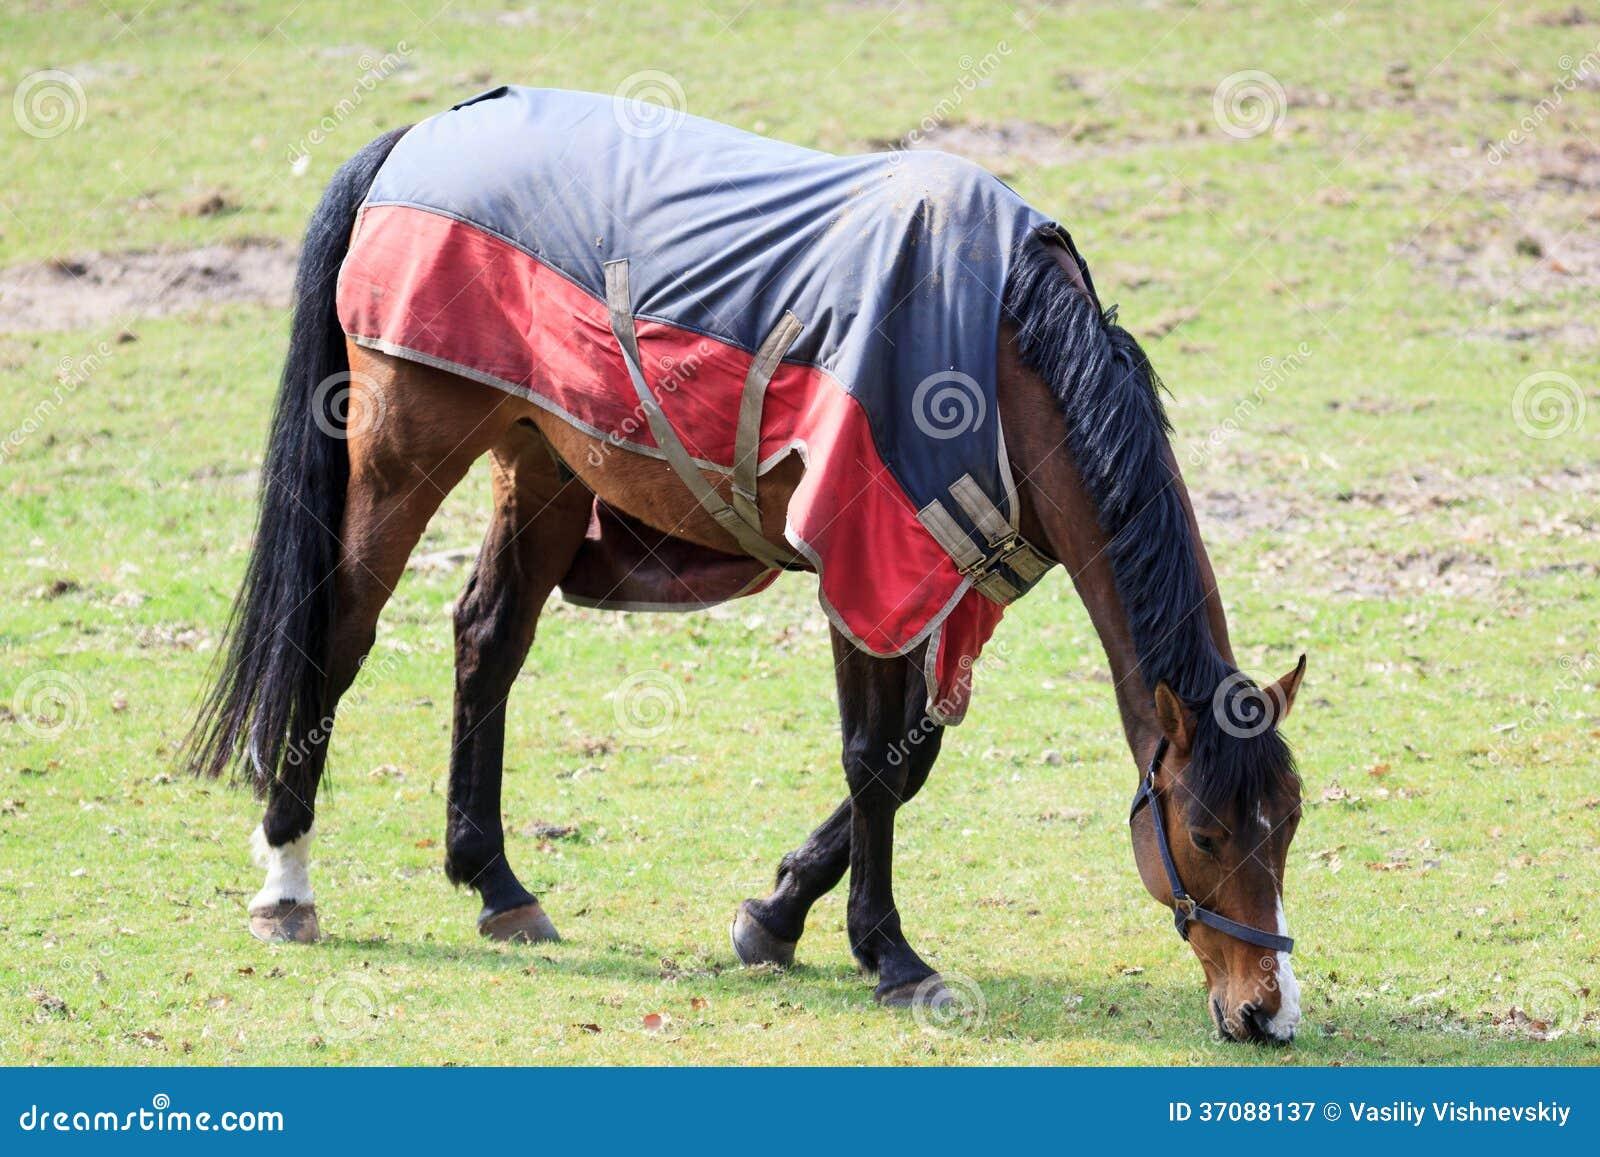 Download Koń. obraz stock. Obraz złożonej z kasztan, domowy, łasowanie - 37088137